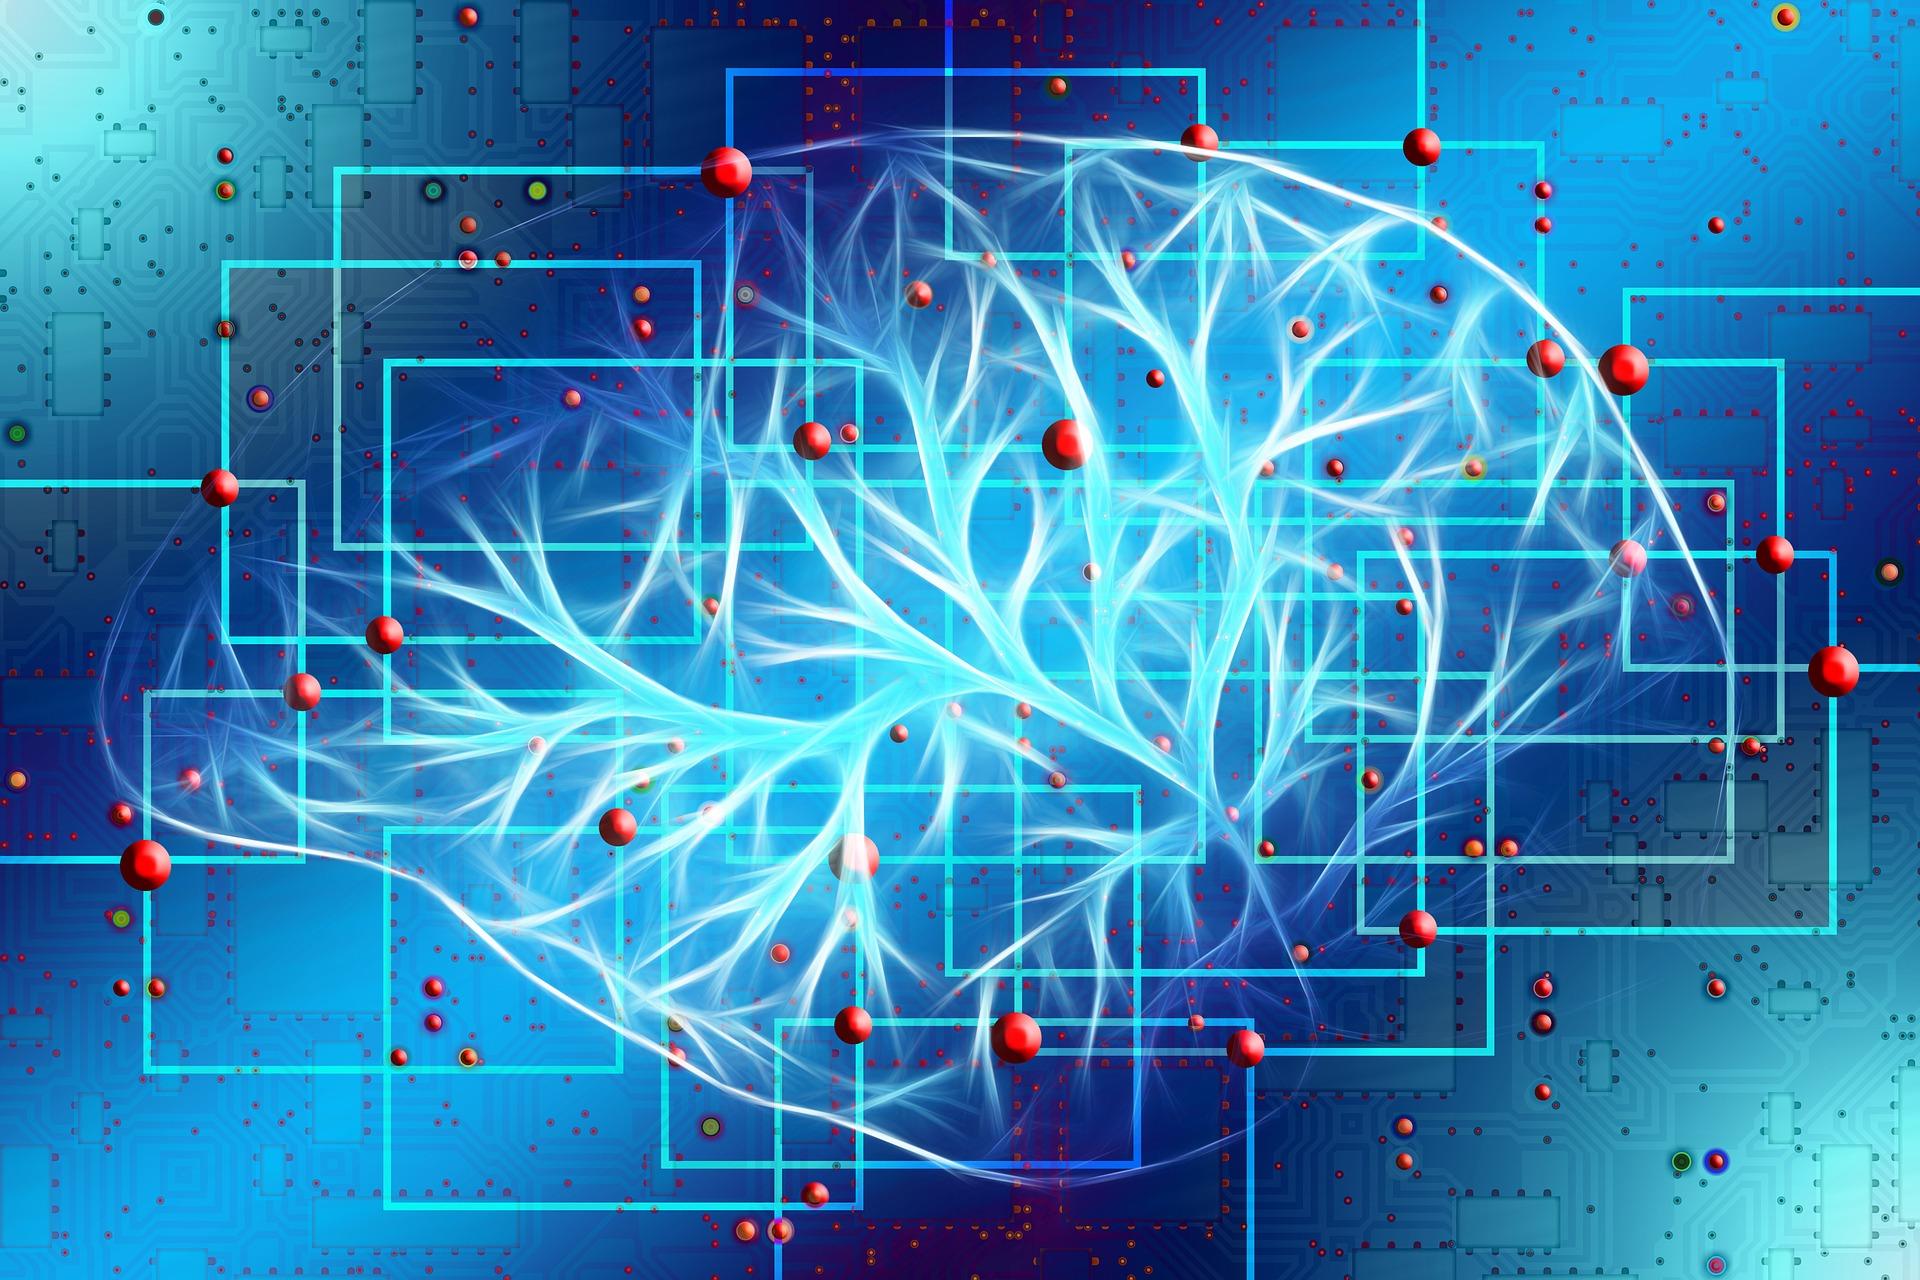 Je zenuwstelsel is mede verantwoordelijk voor het over je grens gaan